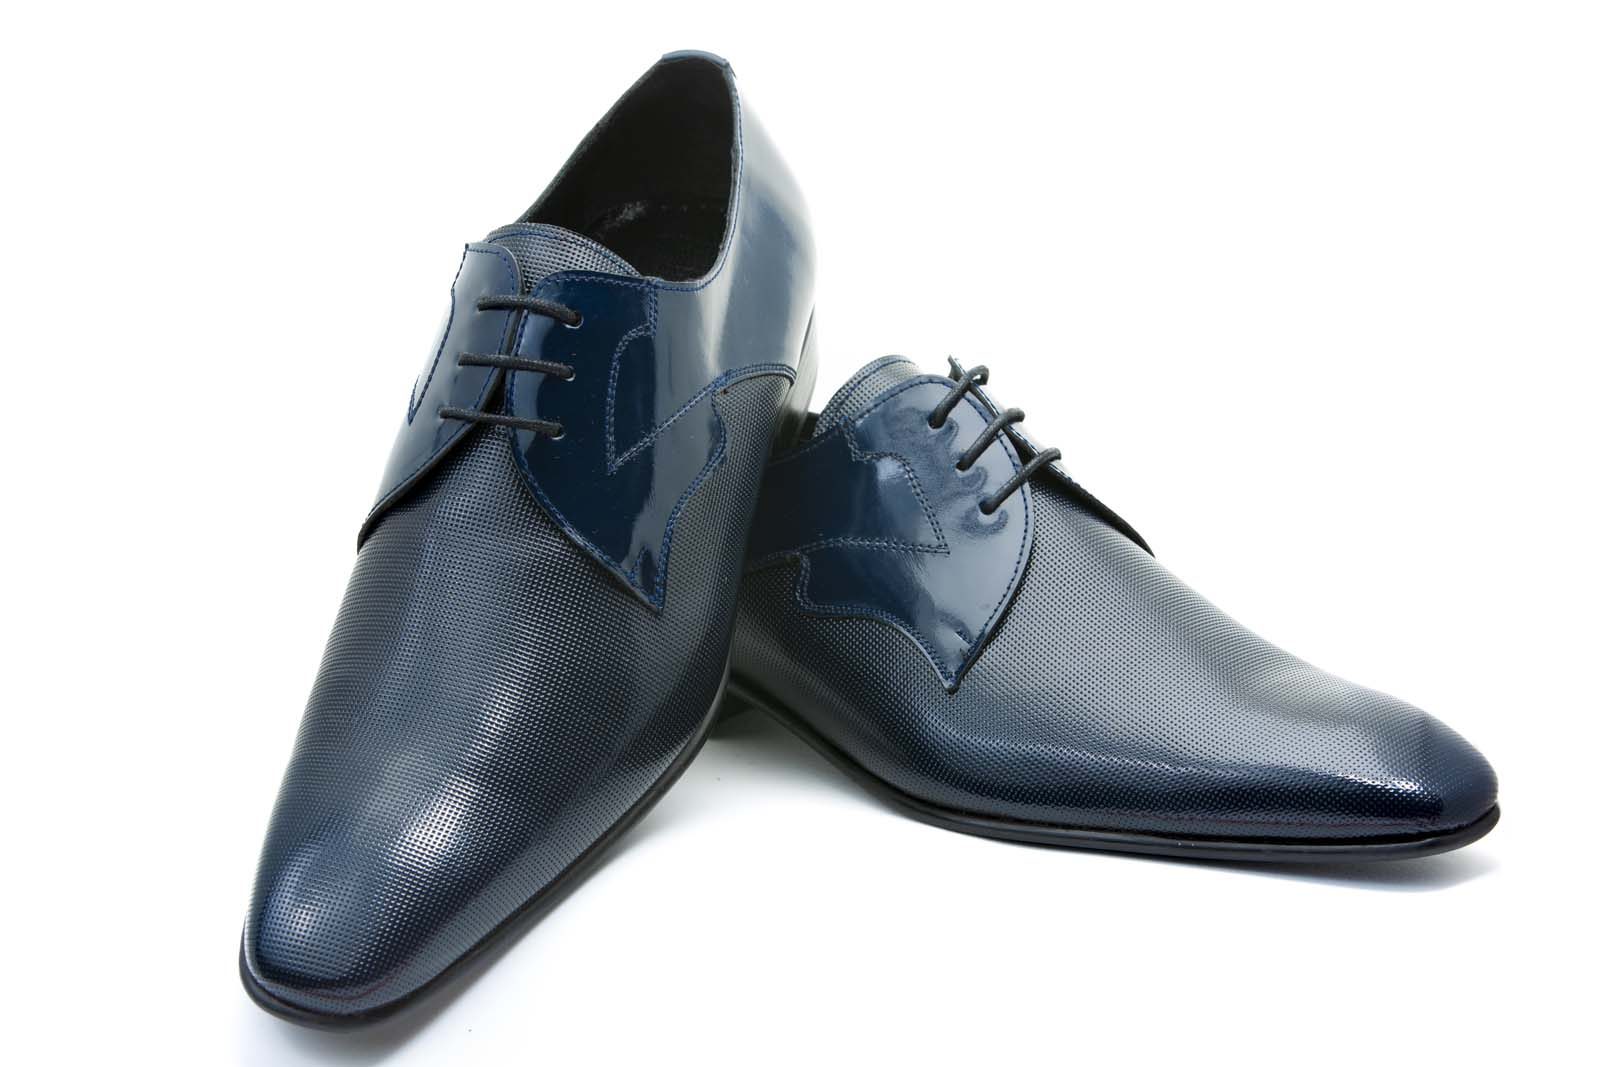 Antik Y Piel De En Azul Picada Modelo Derby Color Zapato Novio UVpGSqzLM